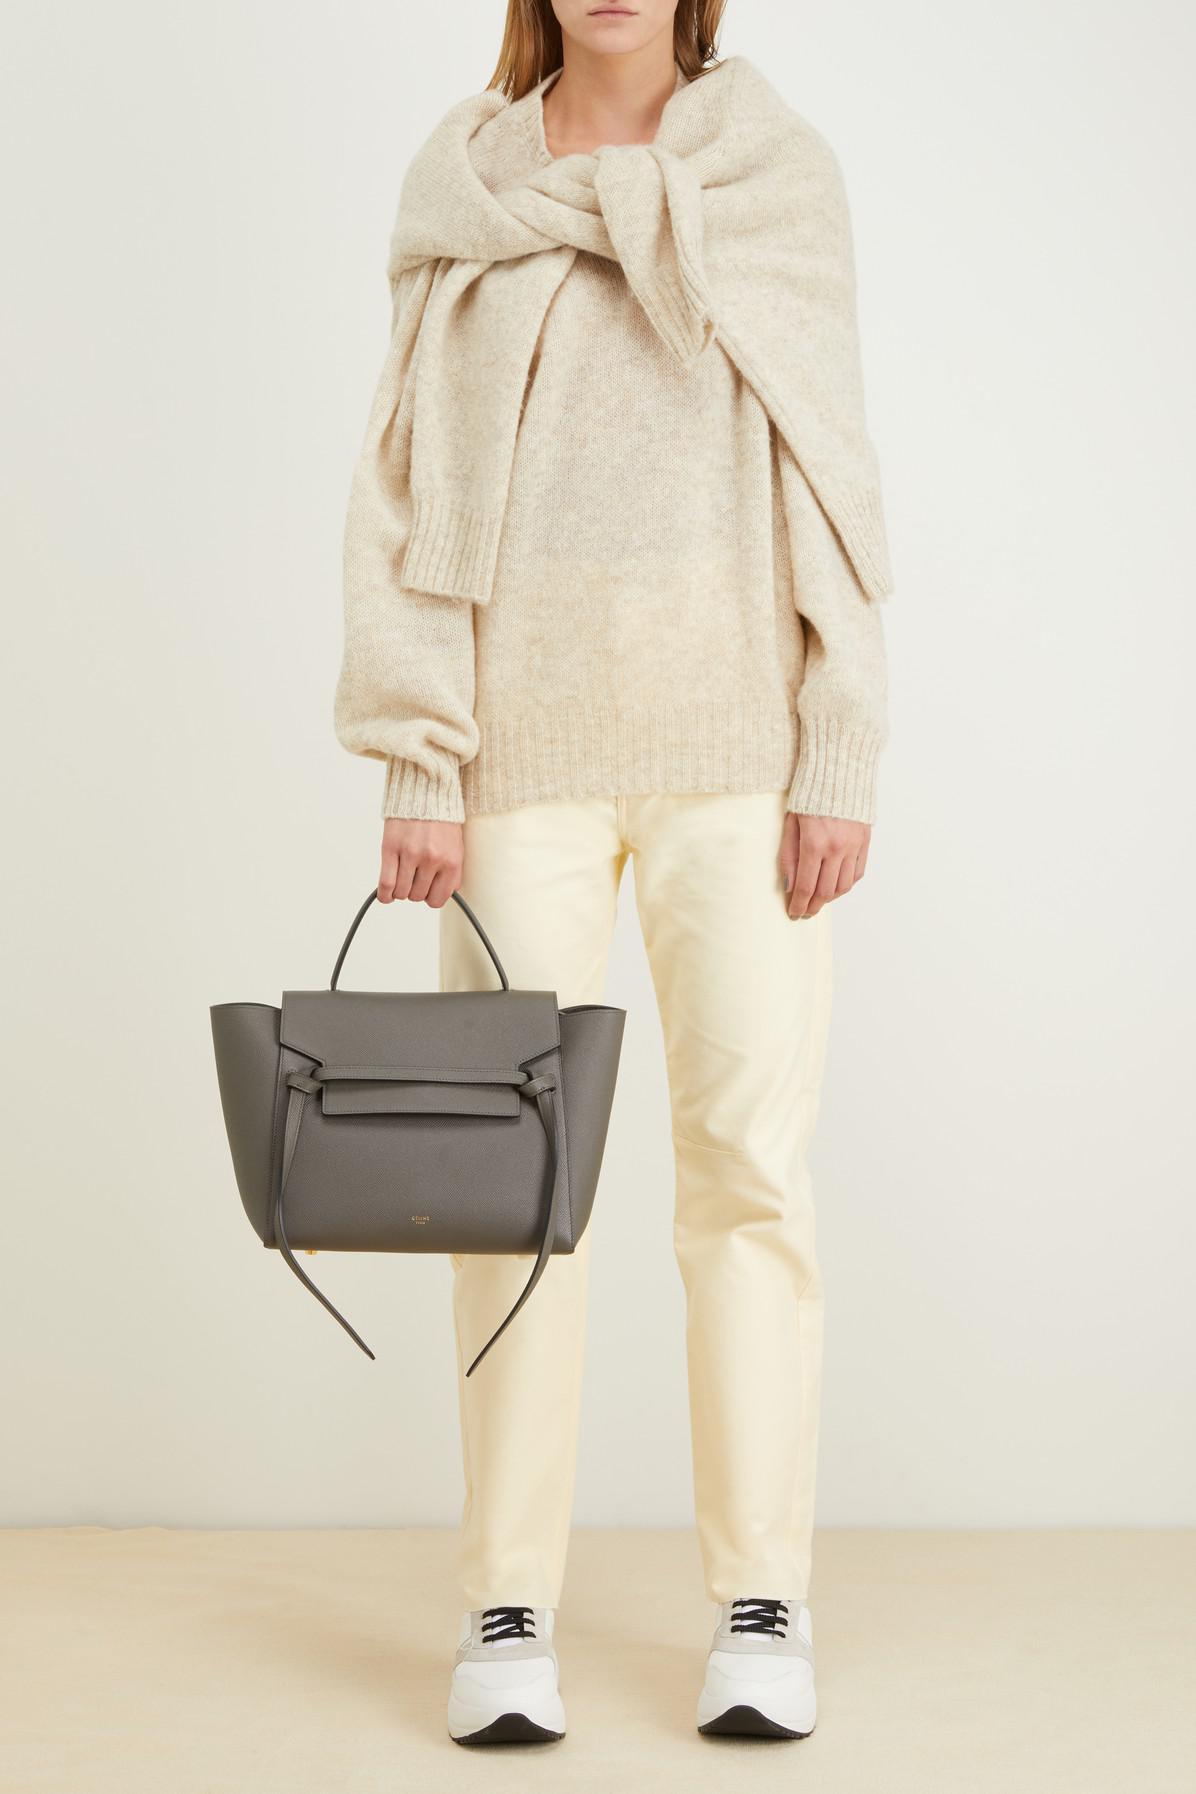 Lyst - Céline Mini Belt Bag In Grained Calfskin in Gray 016c064bc7a9f